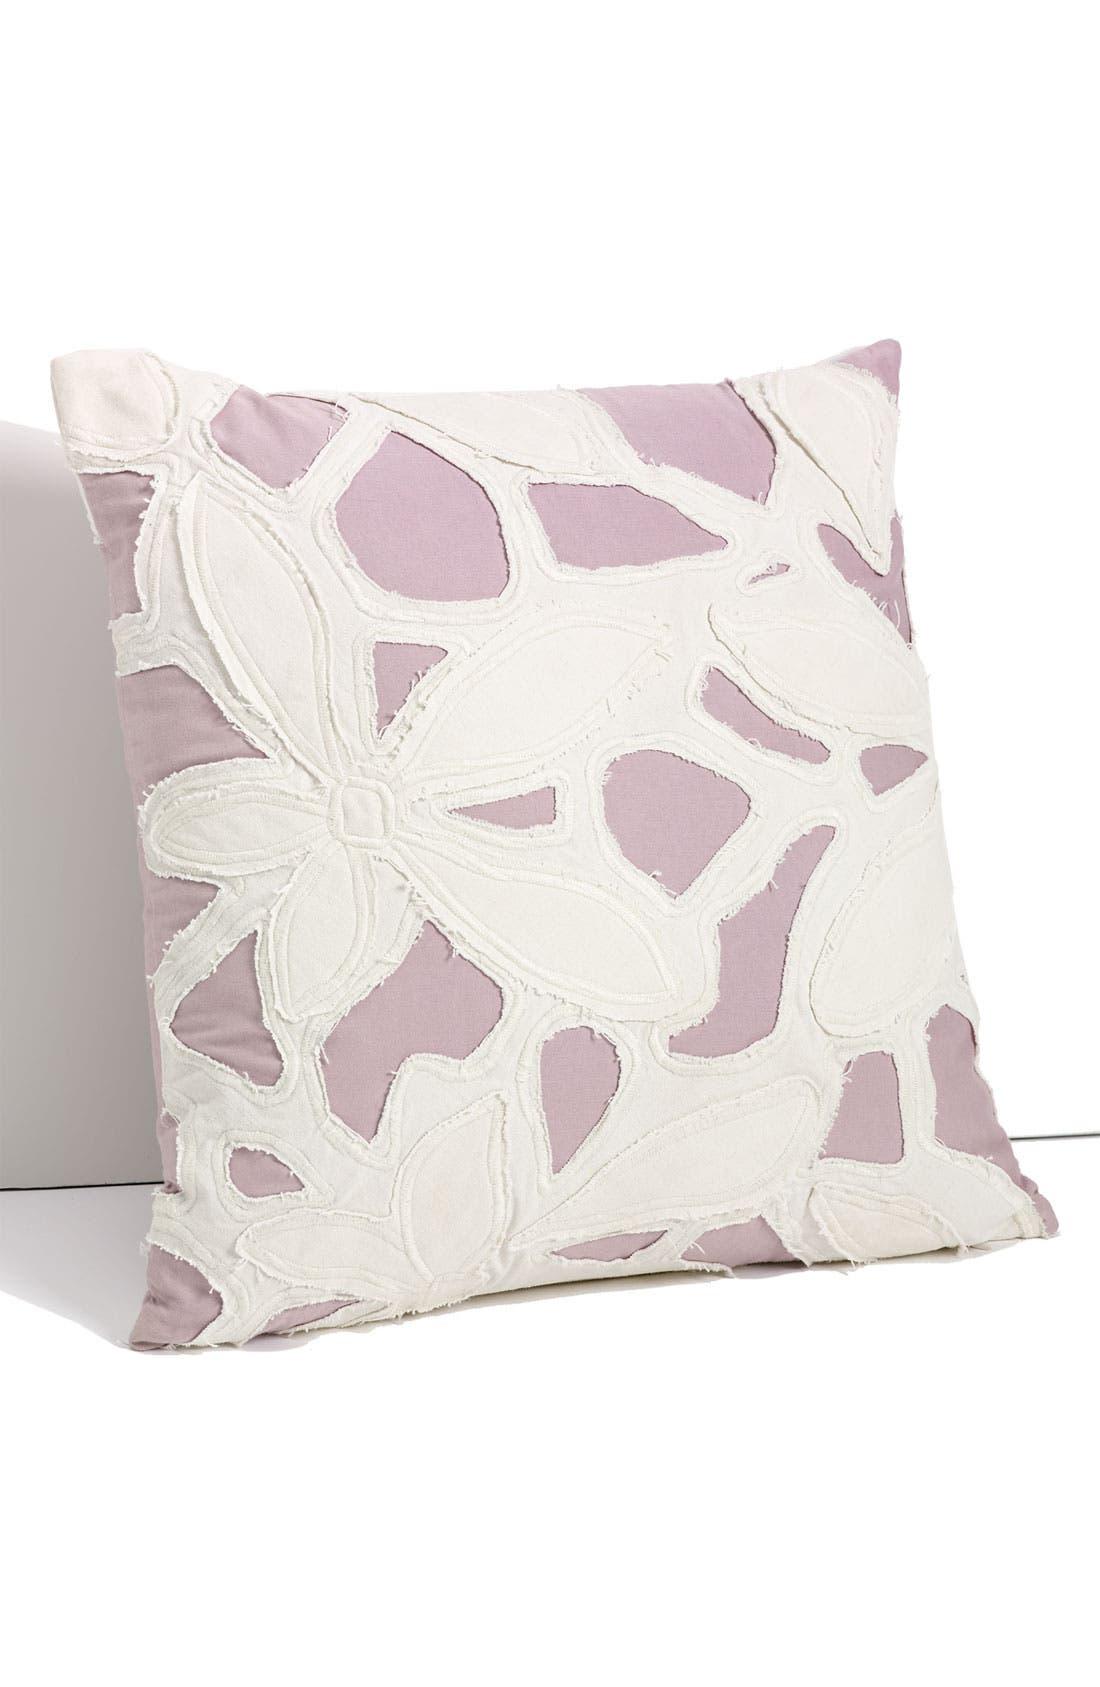 Alternate Image 1 Selected - Diane von Furstenberg Cutout Appliqué Pillow